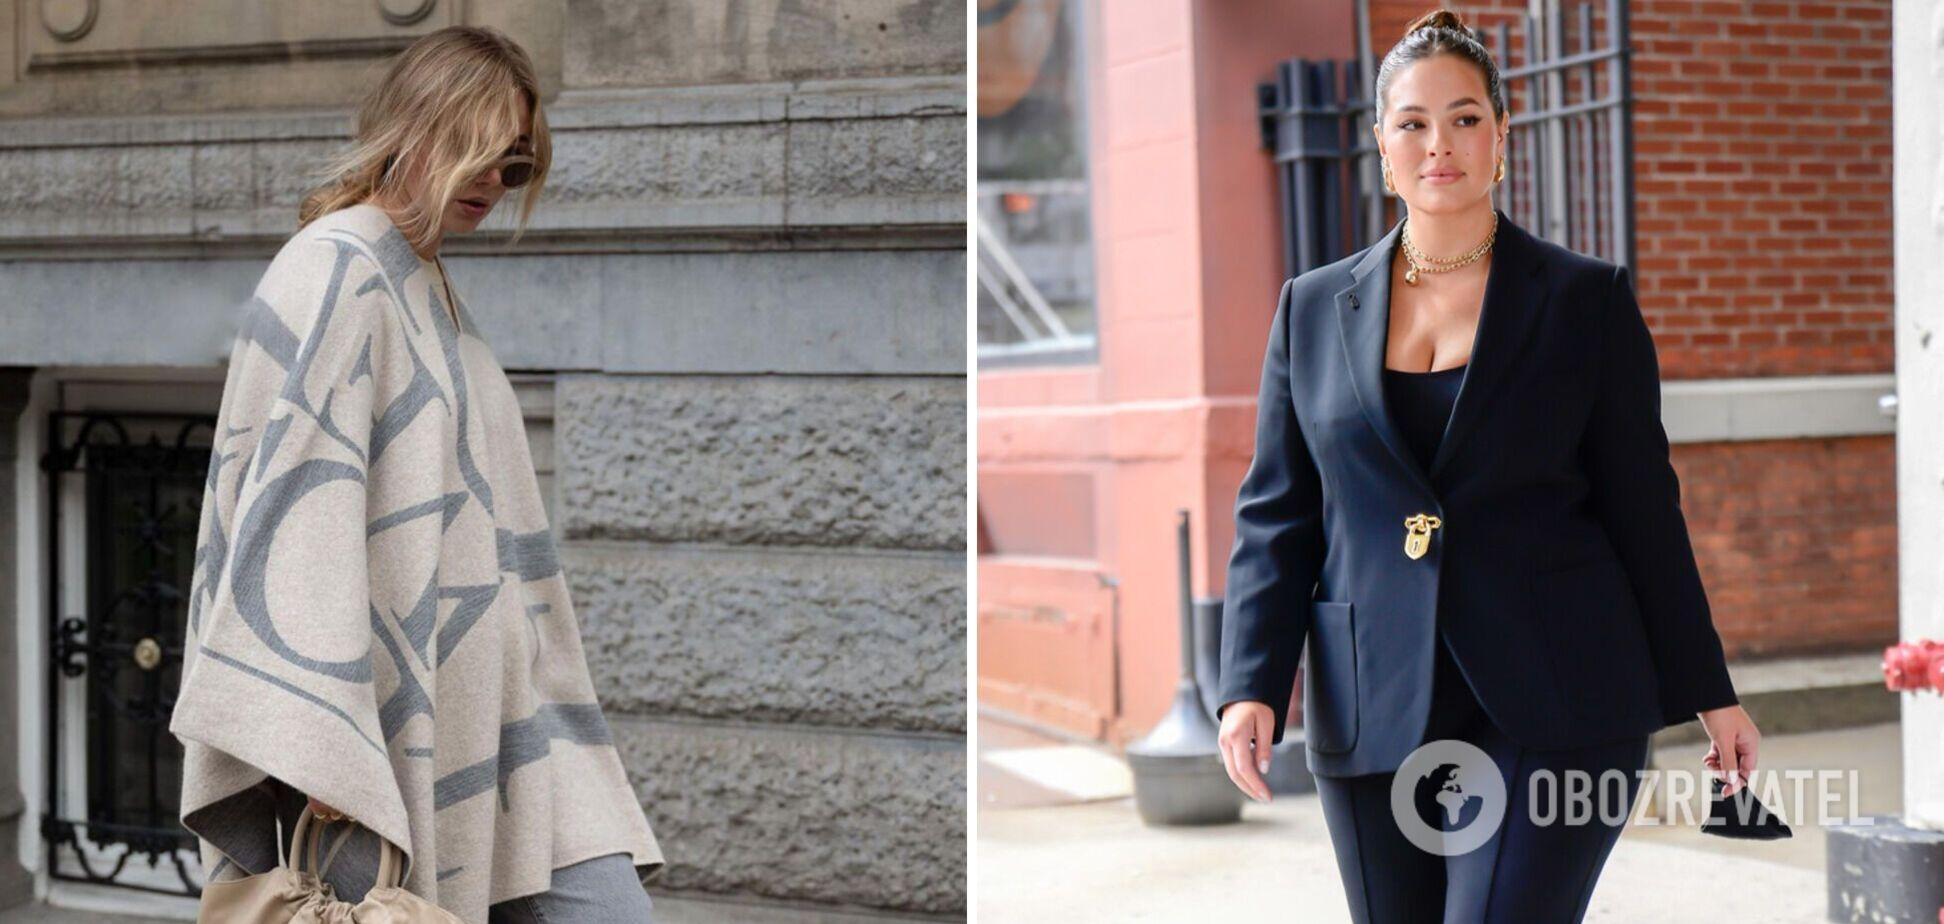 Стильний осінній гардероб для дівчат plus size: Андре Тан назвав модні варіанти